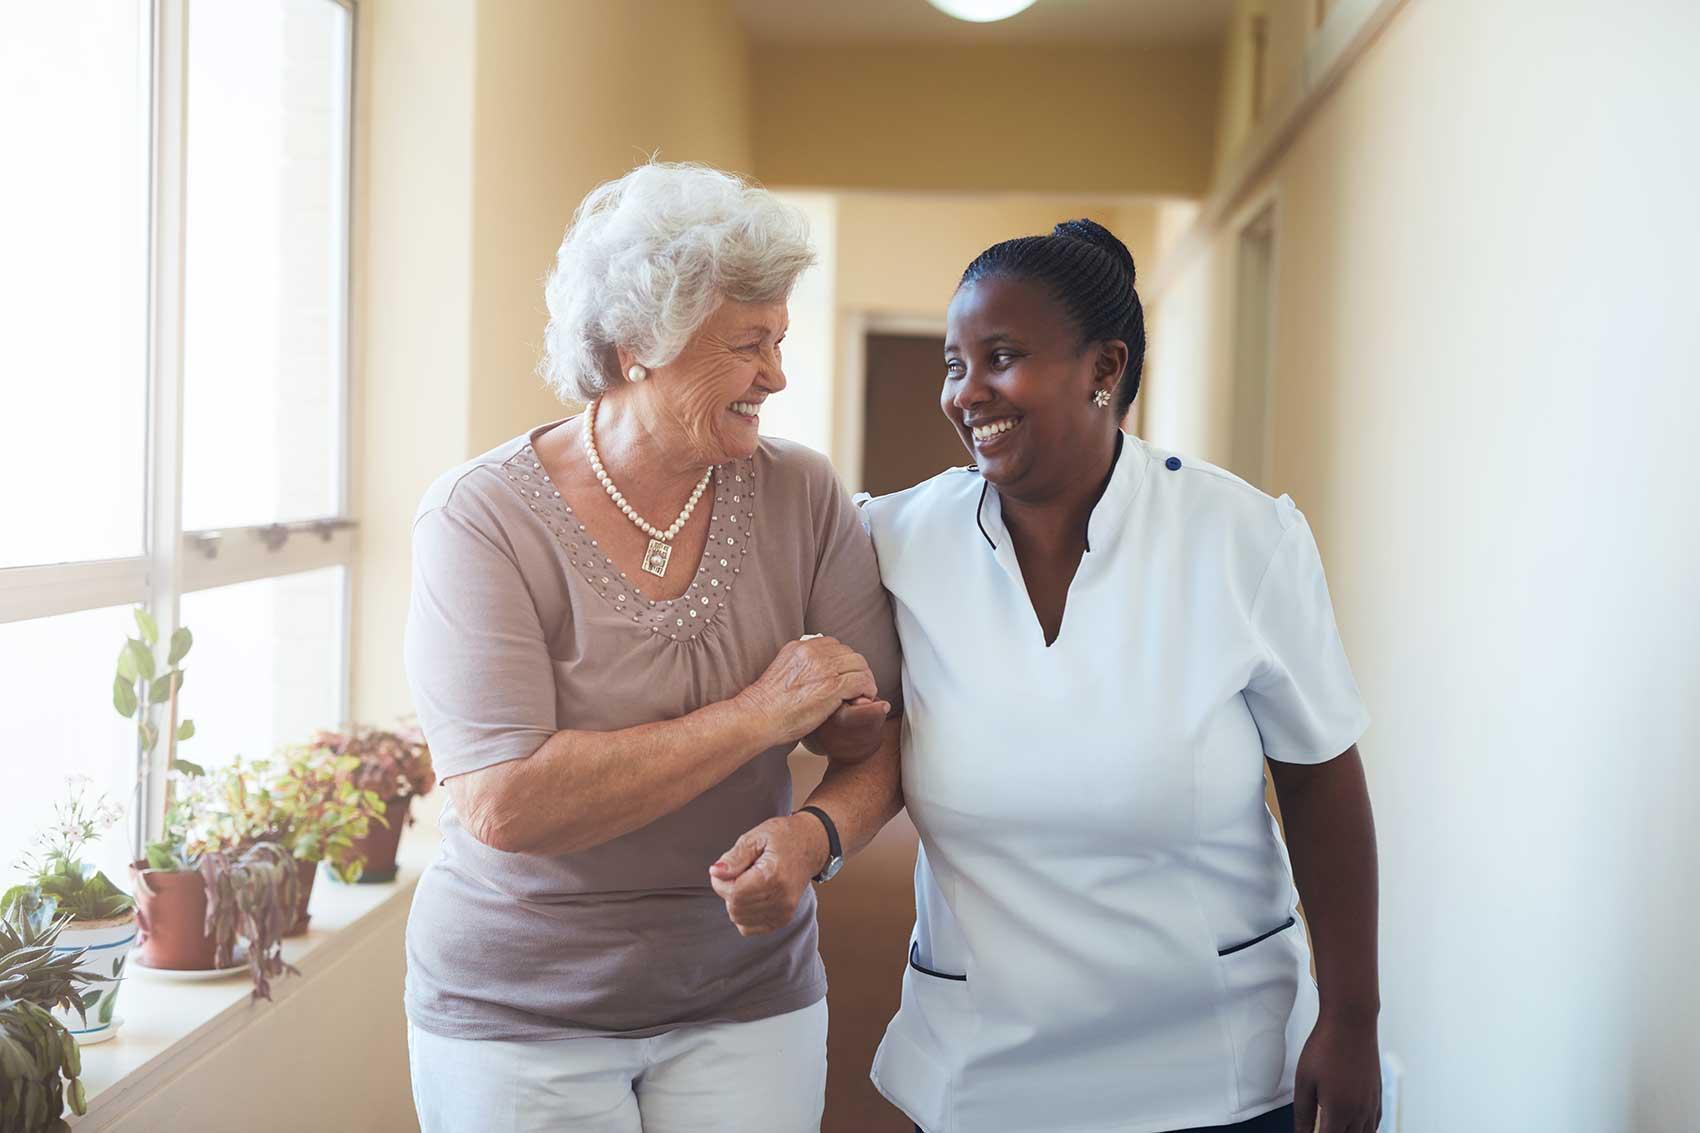 service de réadaptation et assistance médicale aux personnes âgées à domicile